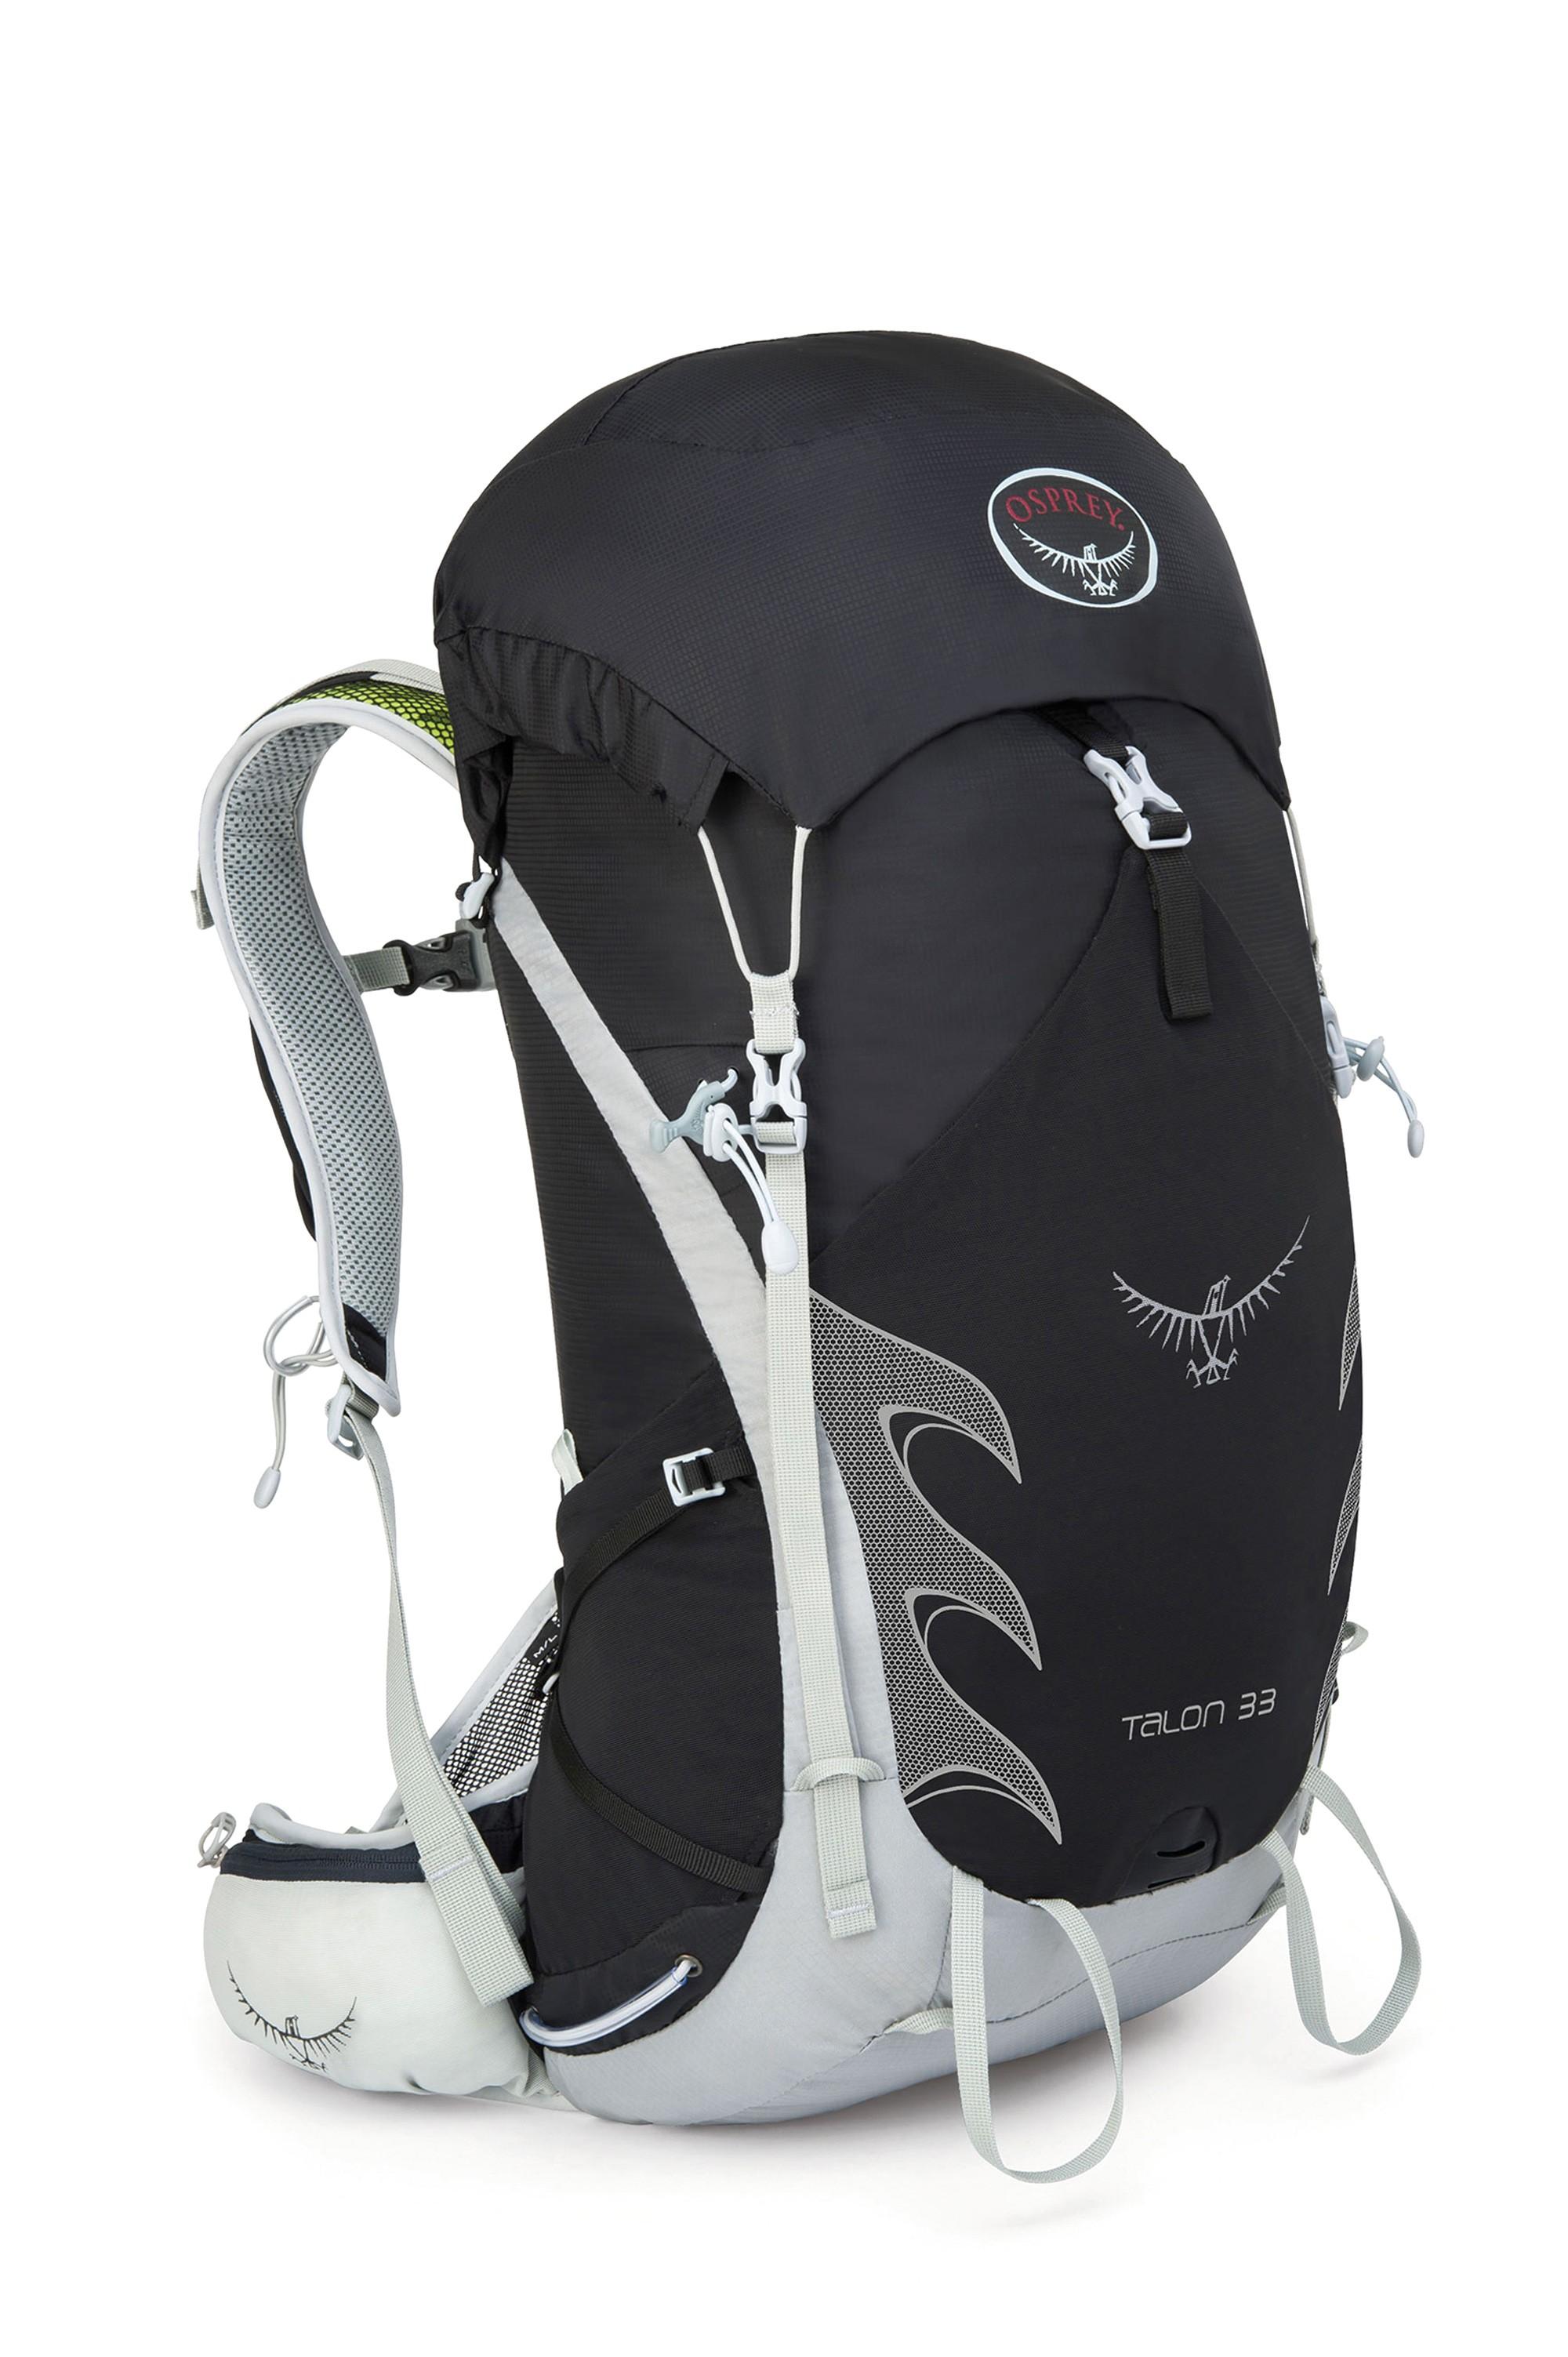 Купить Рюкзак туристический Osprey Talon 33 Onyx Black Рюкзаки туристические 1181583